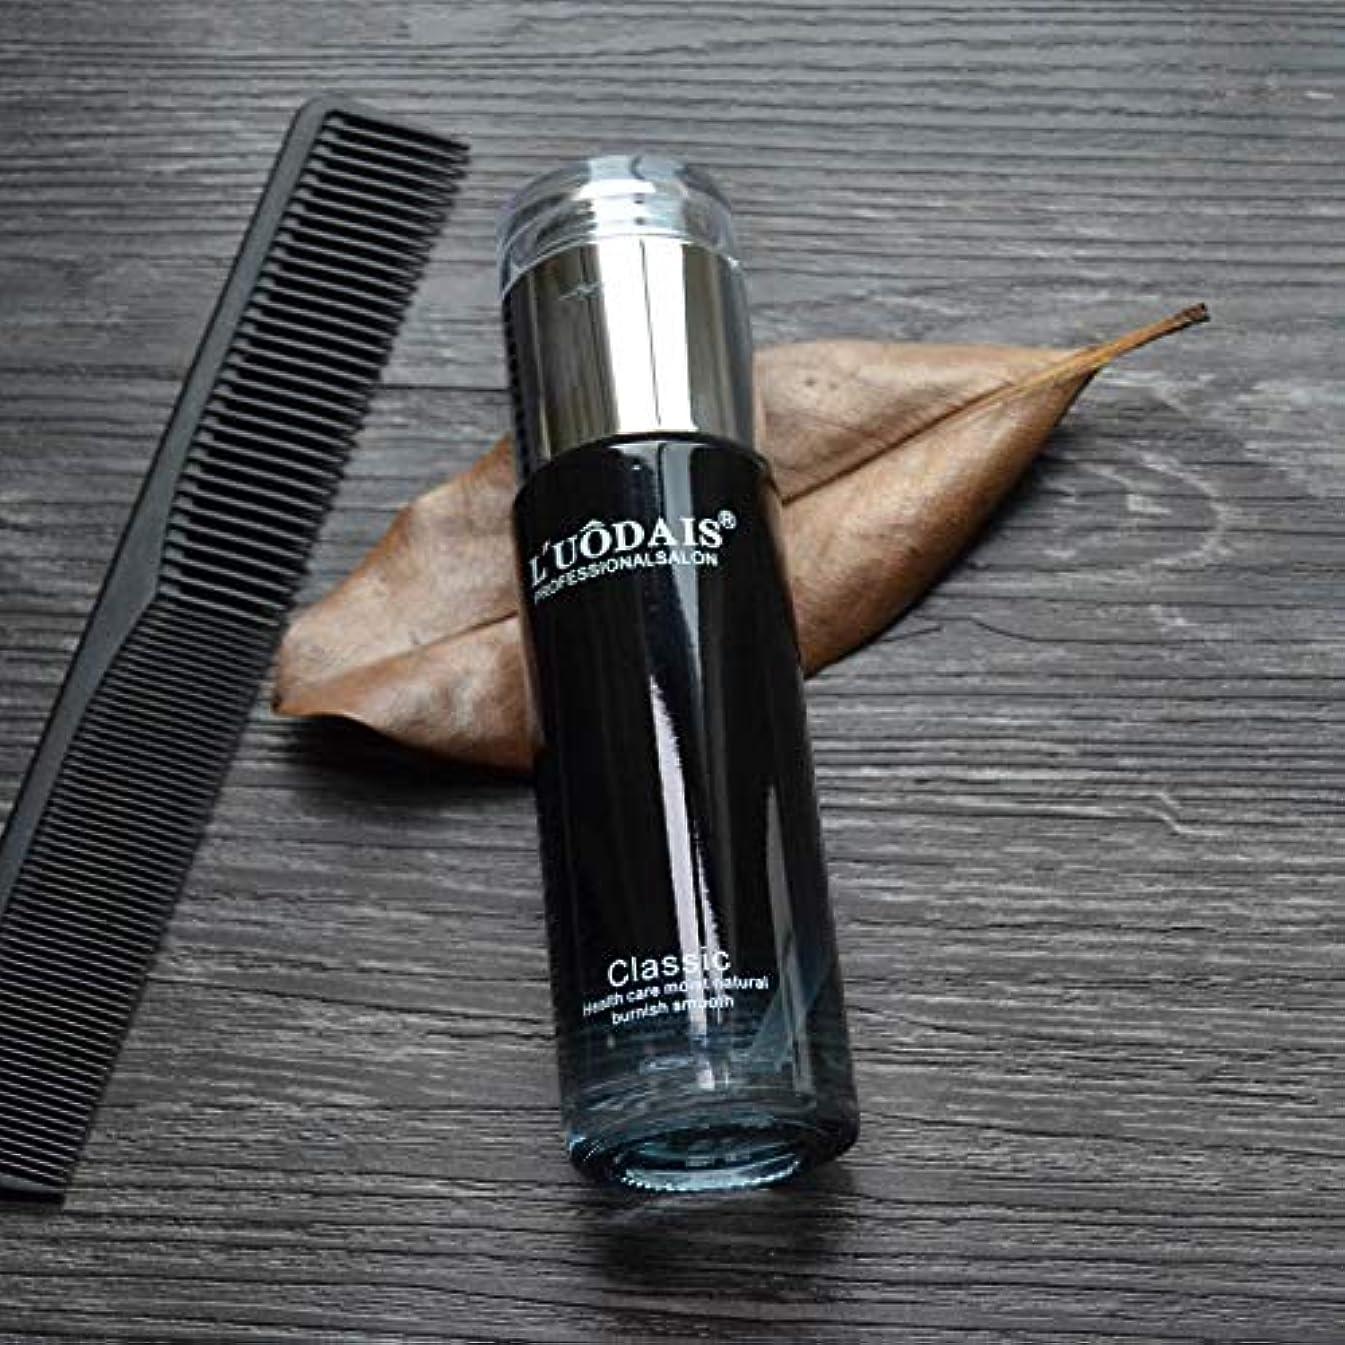 ピジン飢饉方法Symboat 香水ヘアケアエッセンスオイル 保湿 ドライダメージヘアトリートメントオイル ヘアケア修復保護 天然オイル